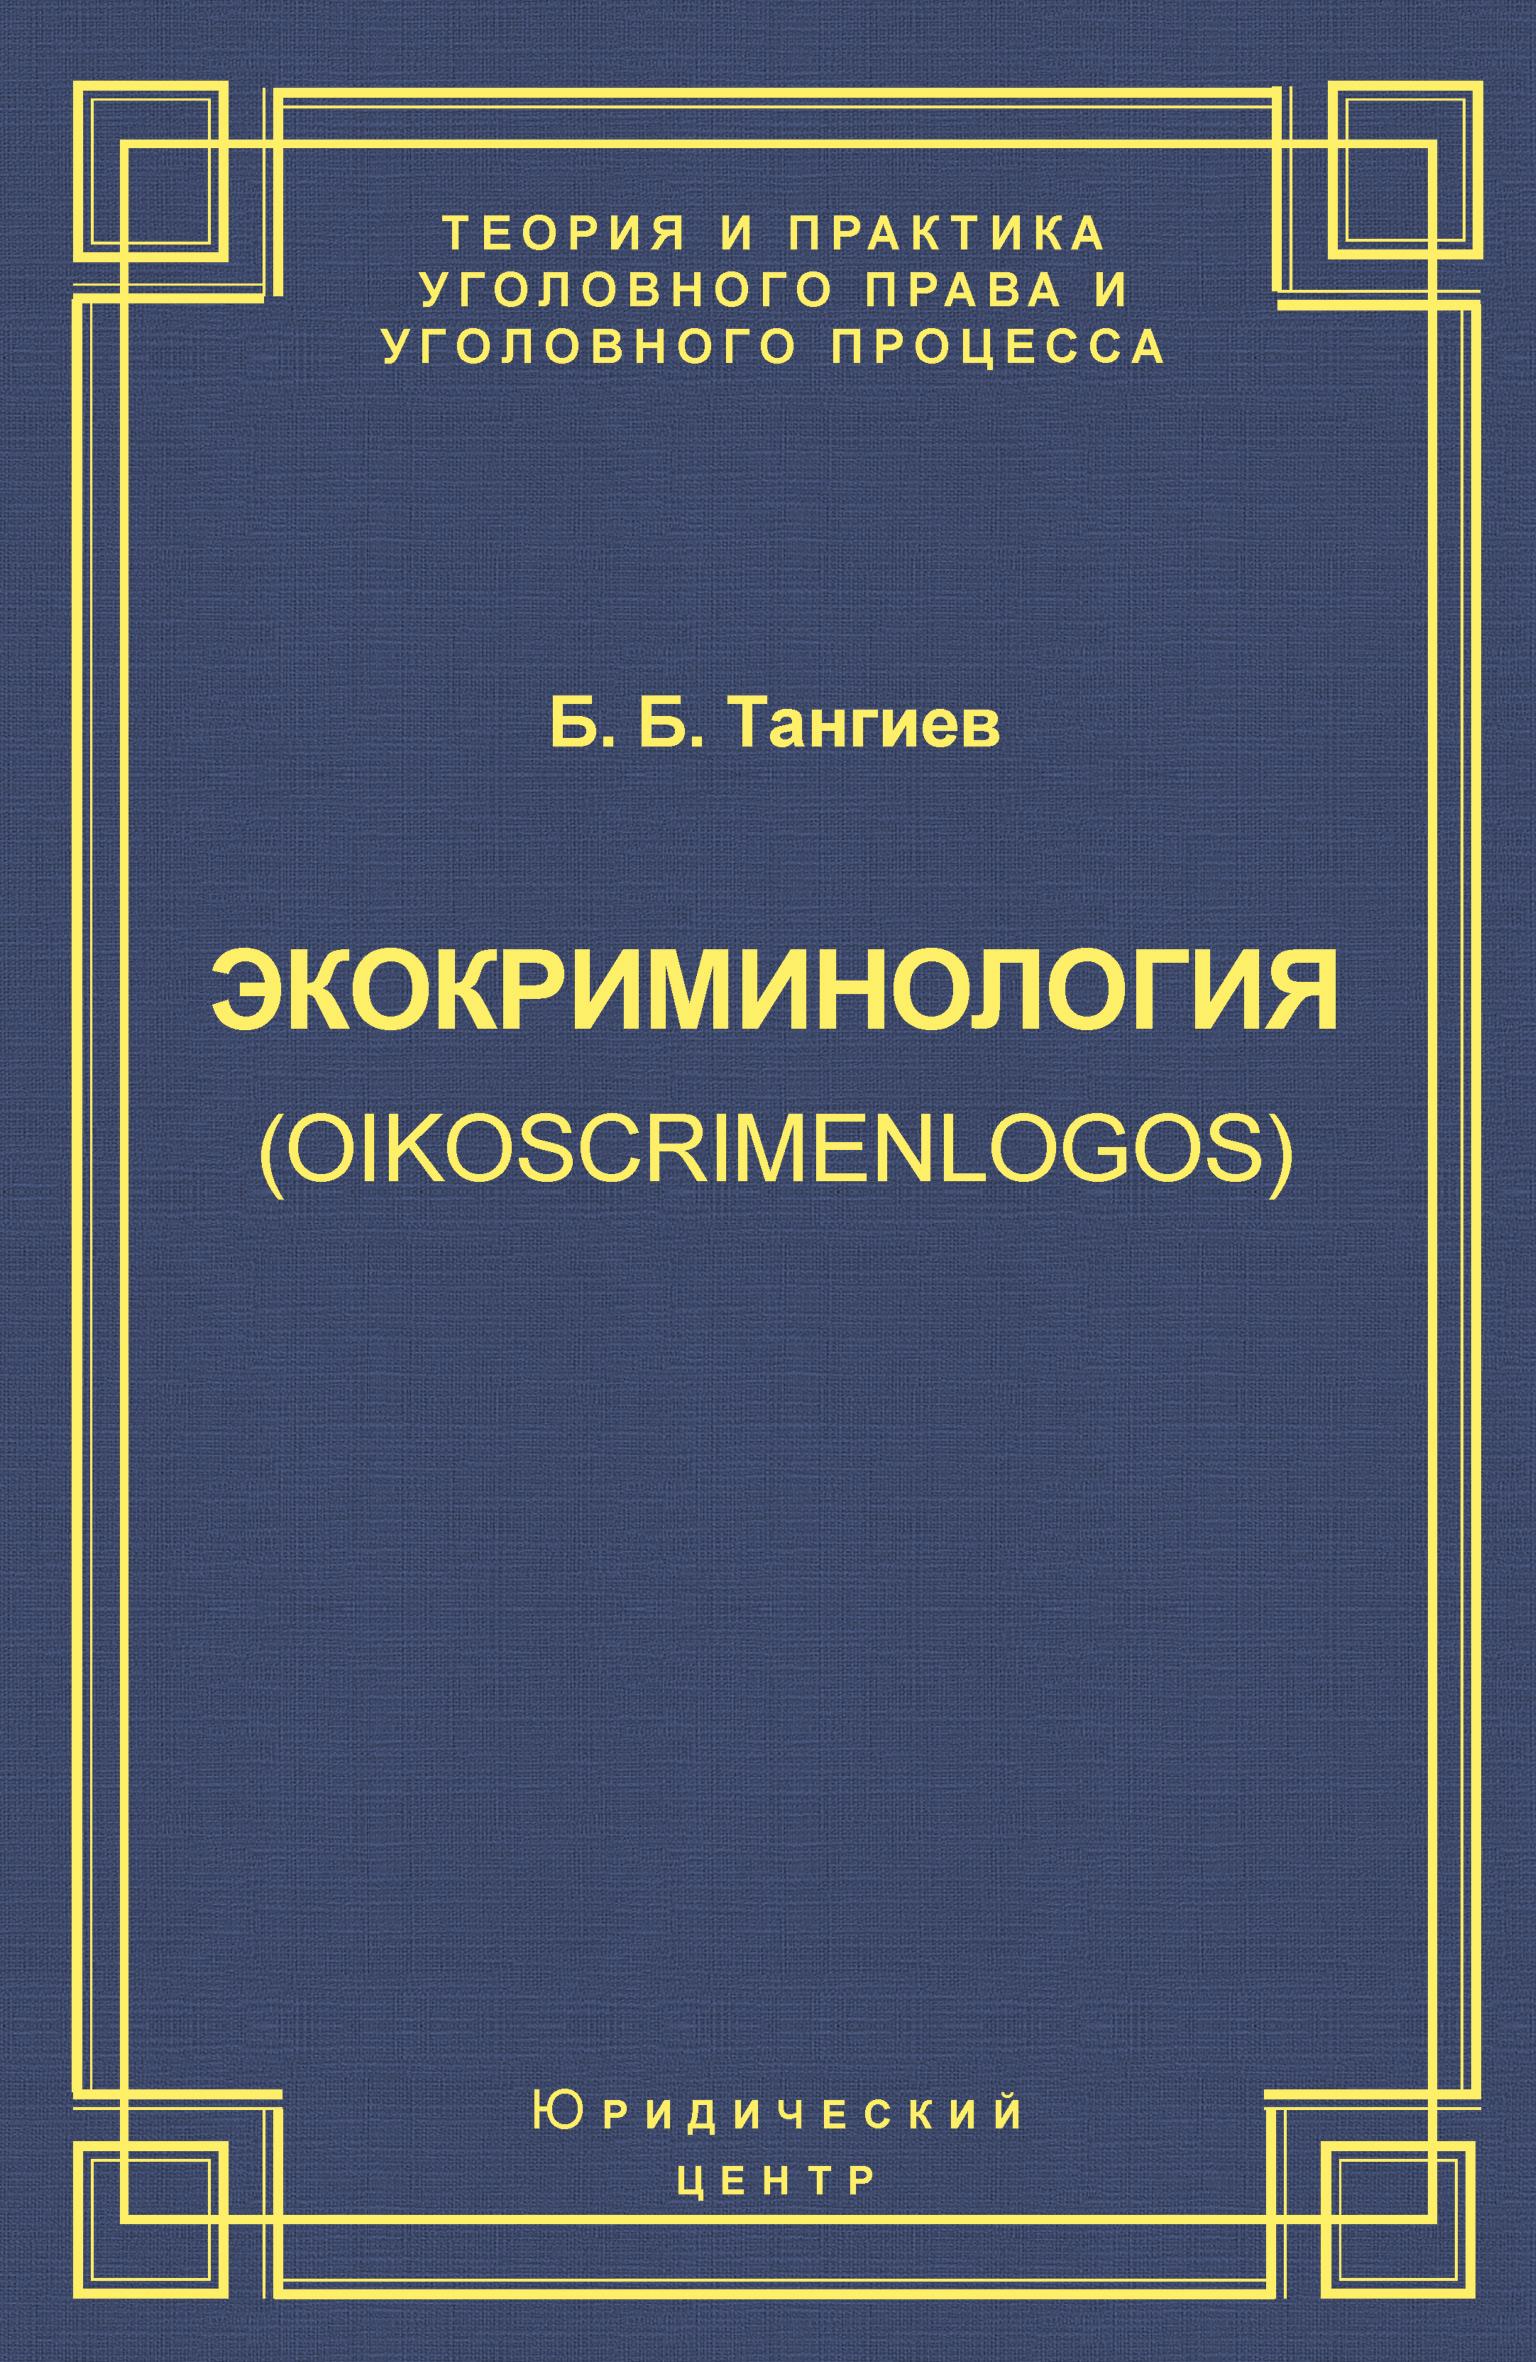 Б. Б. Тангиев Экокриминология (oikoscrimenlogos). Парадигма и теория. Методология и практика правоприменения